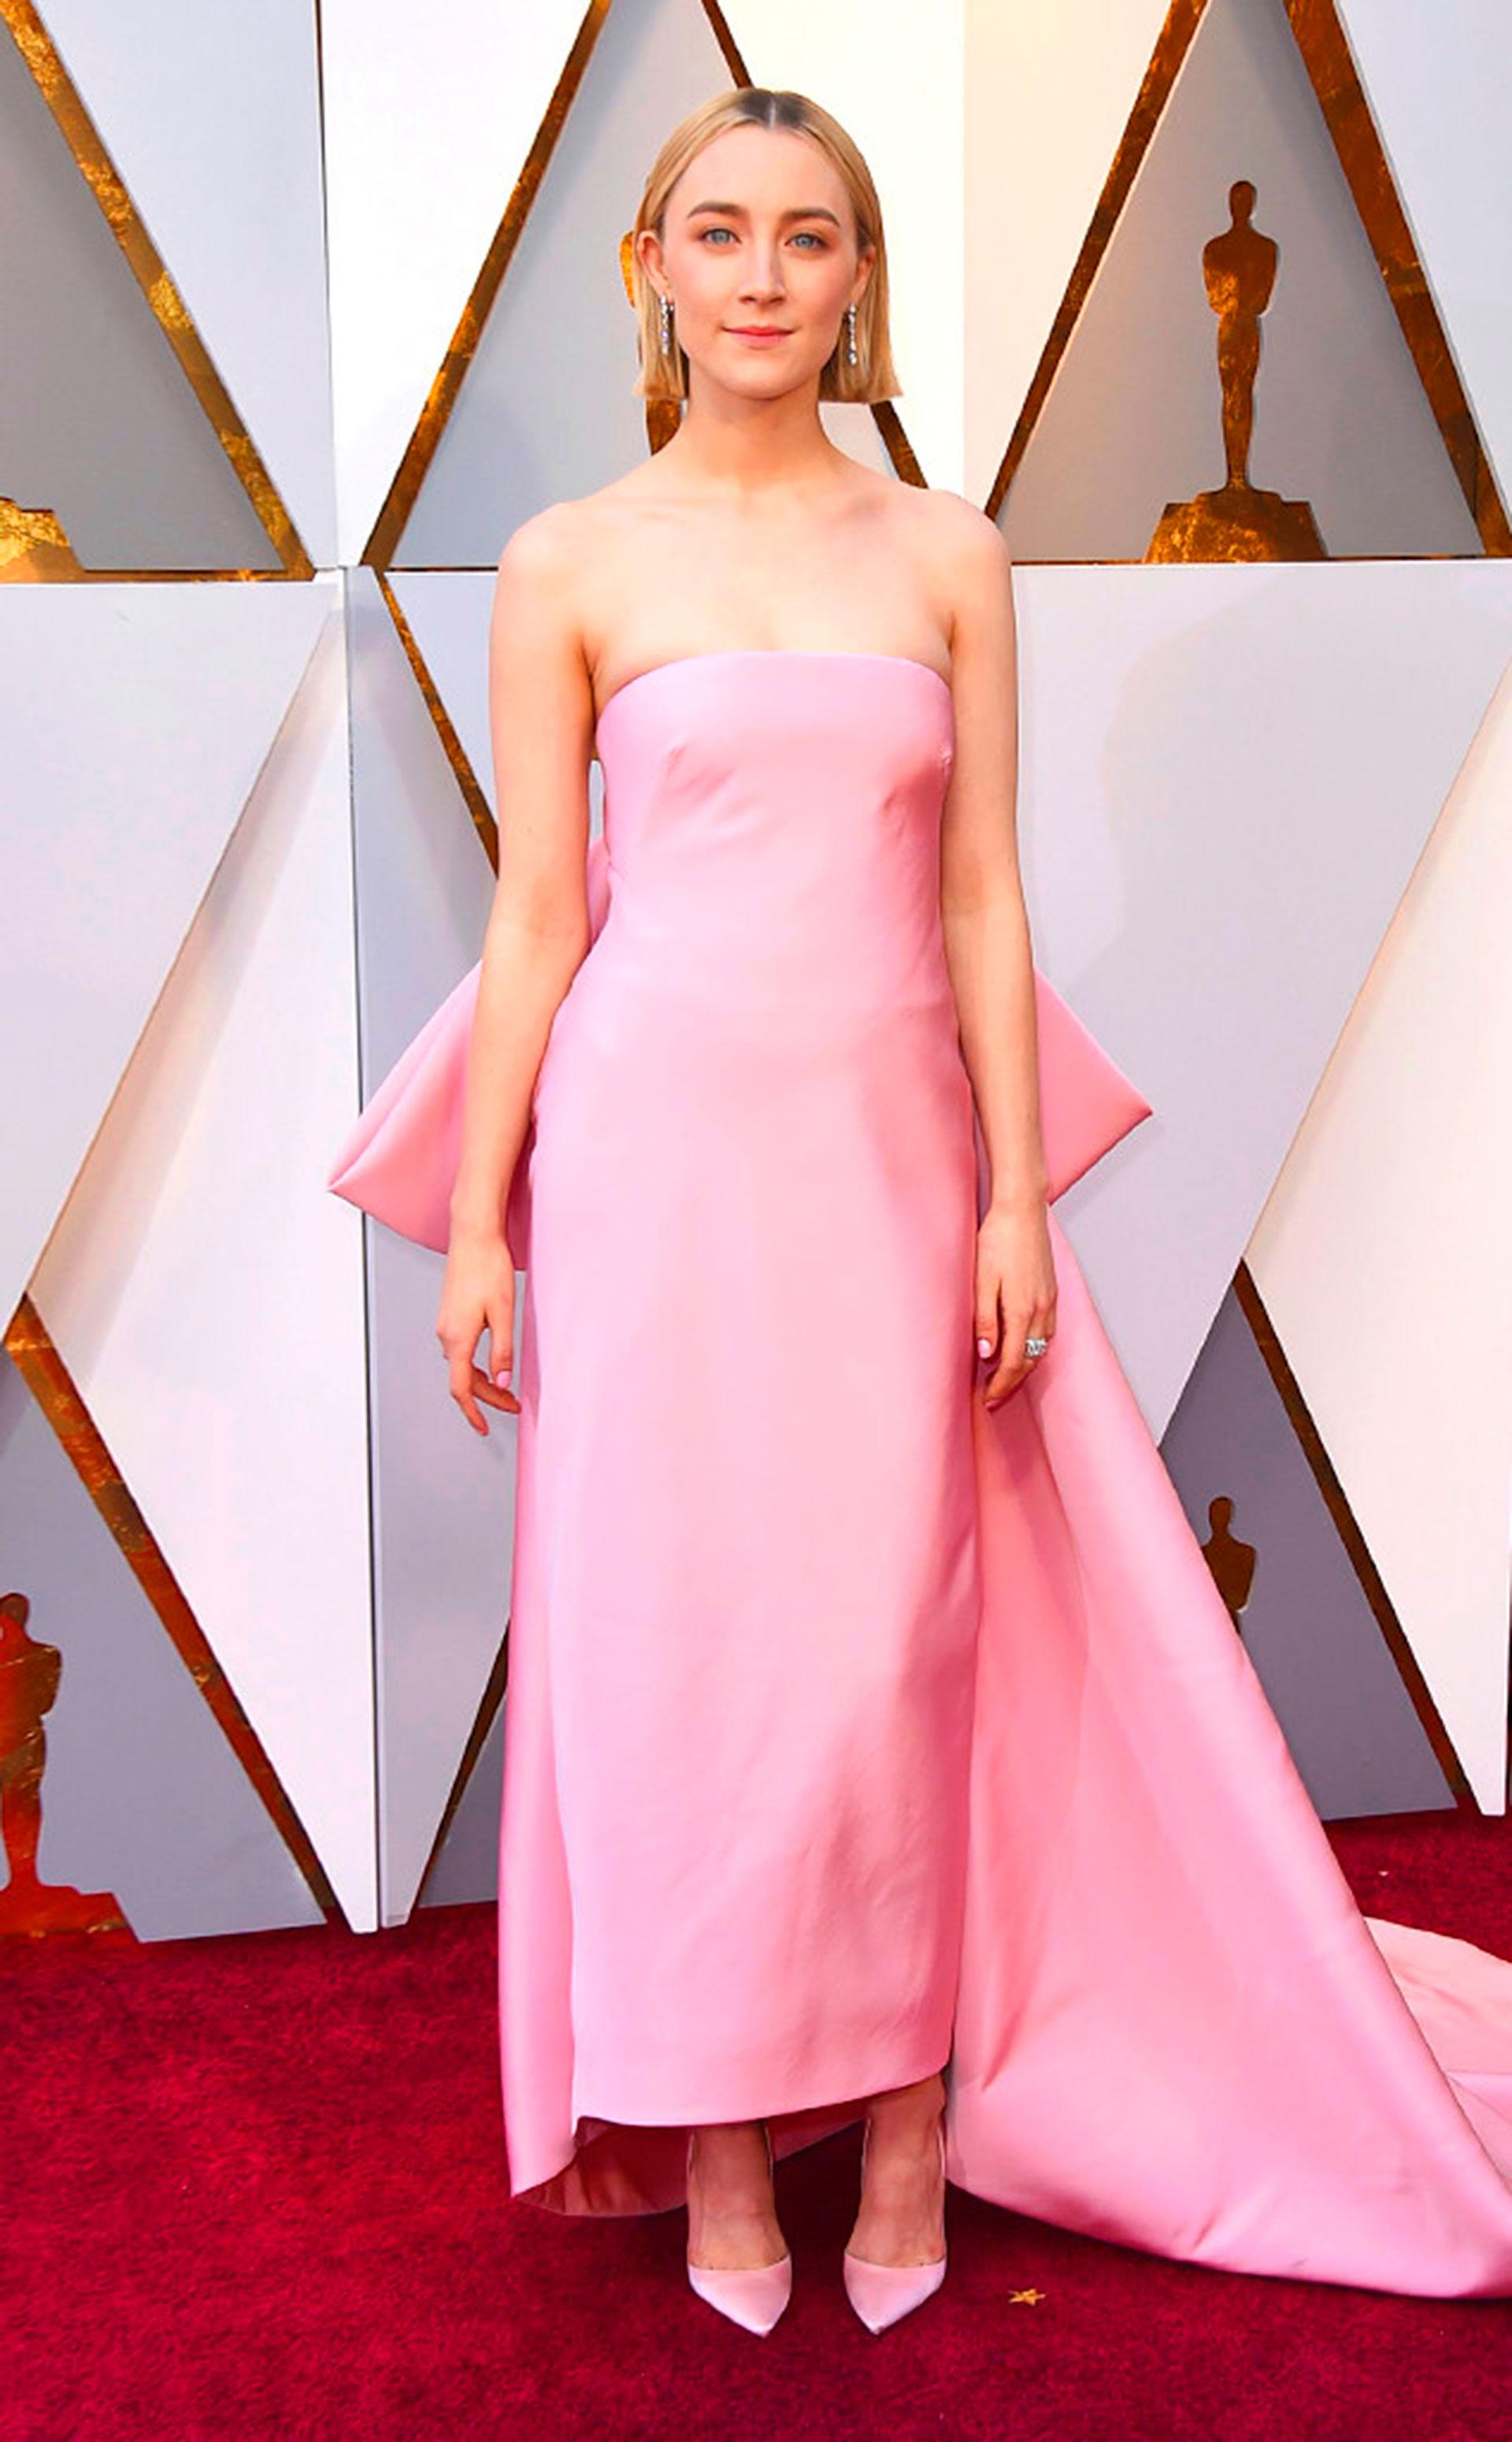 Saoirse Ronan en rosa (Foto gentileza E!)